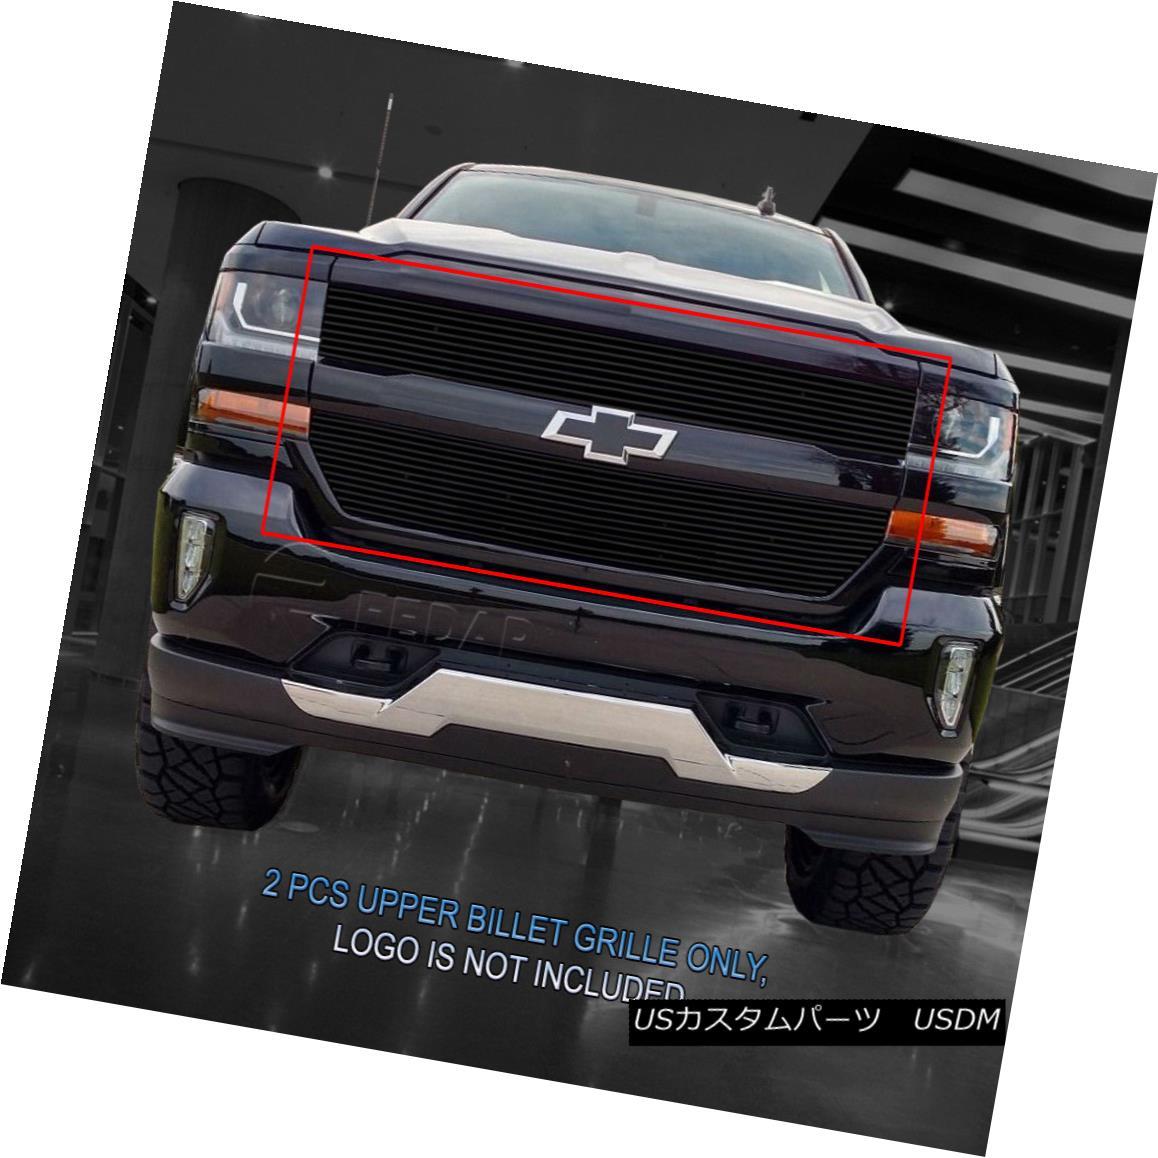 グリル Fedar Fits 2016-2017 Chevrolet Silverado 1500 Black Billet Grille Insert Fedarフィット2016-2017 Chevrolet Silverado 1500 Black Billet Grille Insert